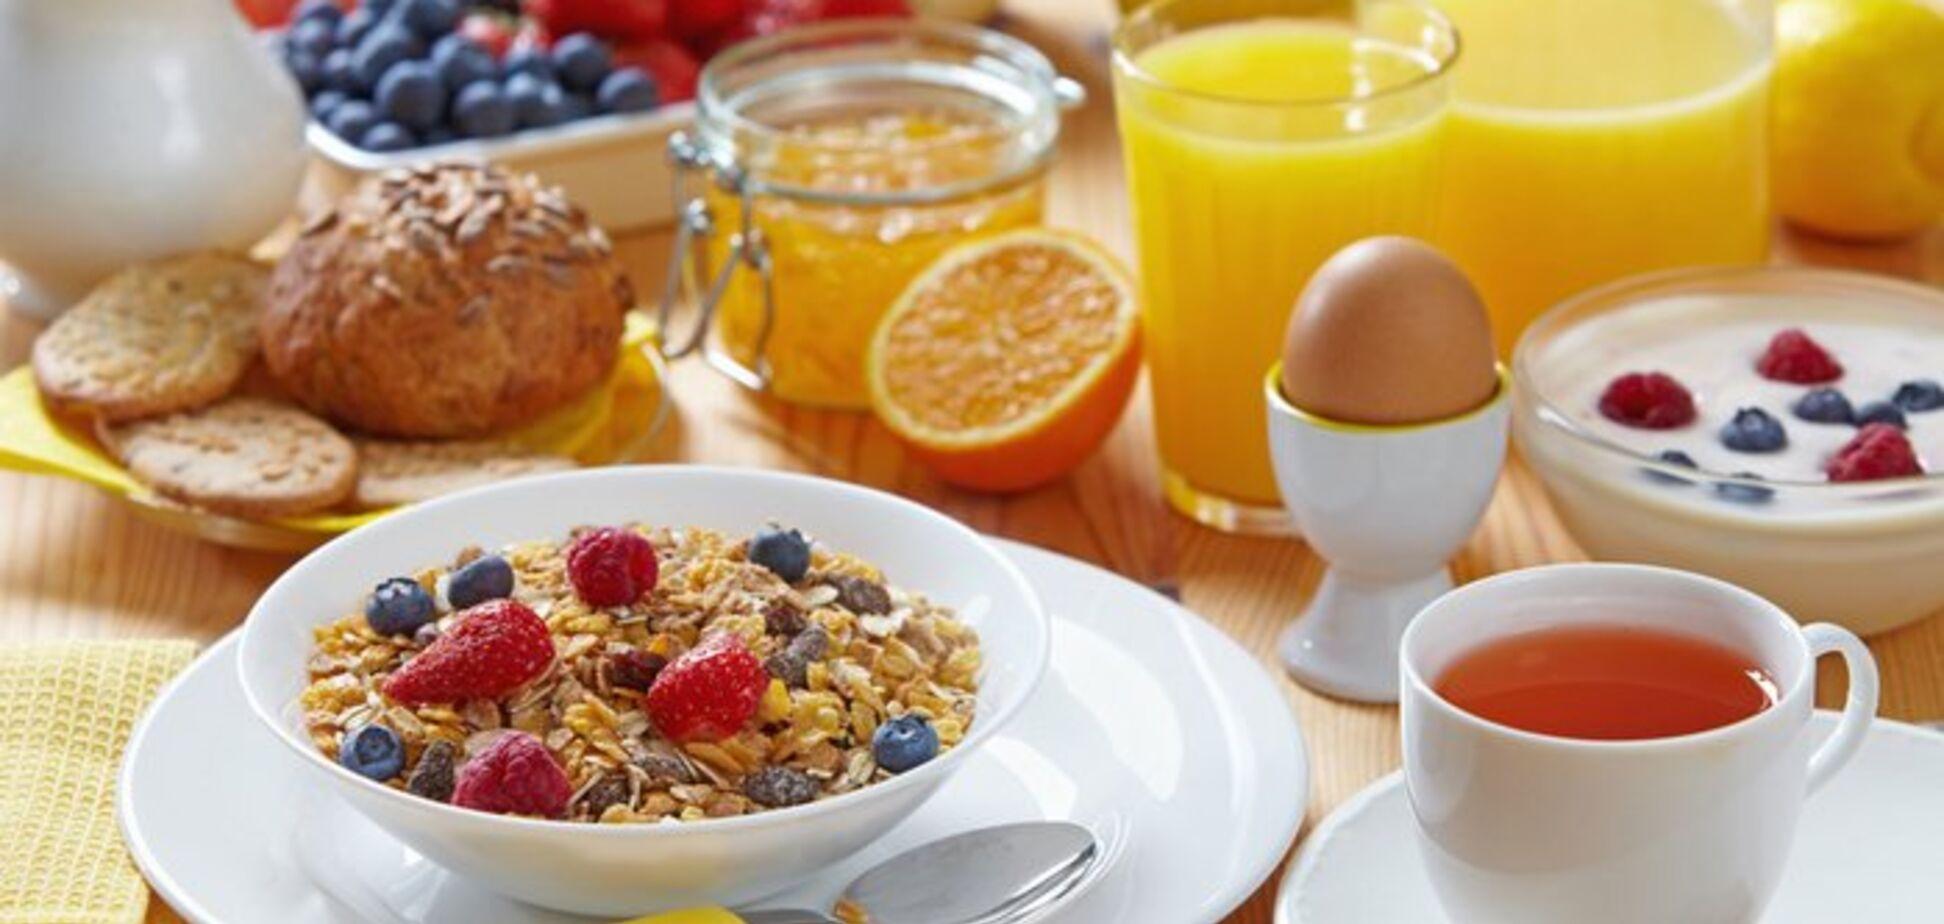 'Ніяких бутербродів!' Дієтологиня розкрила секрет ідеального сніданку